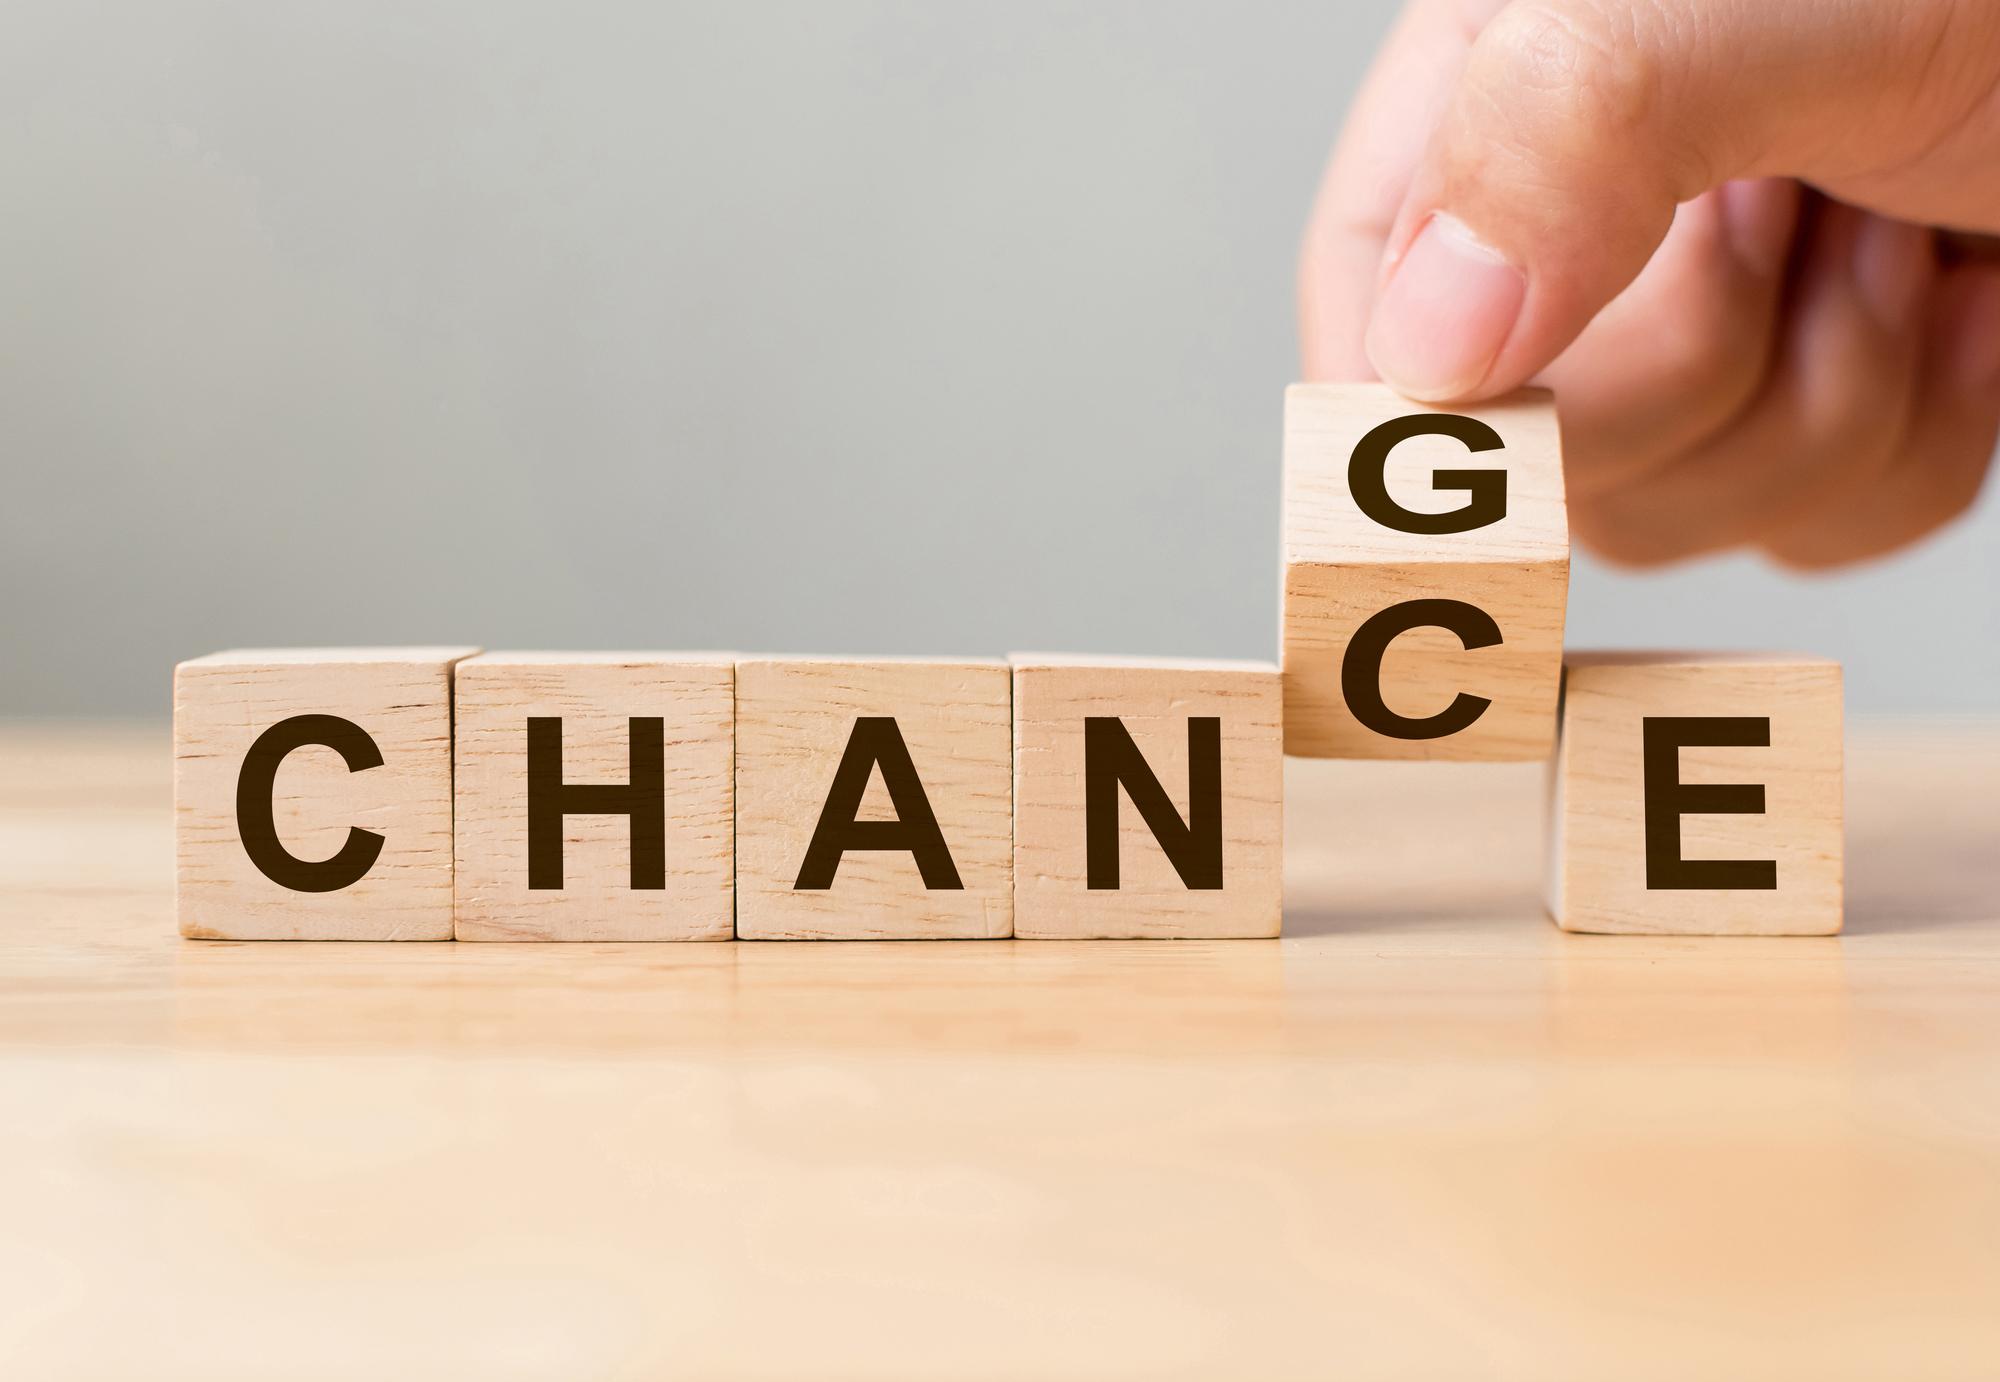 コロナによる働き方の変化。テレワークは定着していくか?|TIME SHARING|タイムシェアリング|スペースマネジメント|あどばる|adval|SHARING